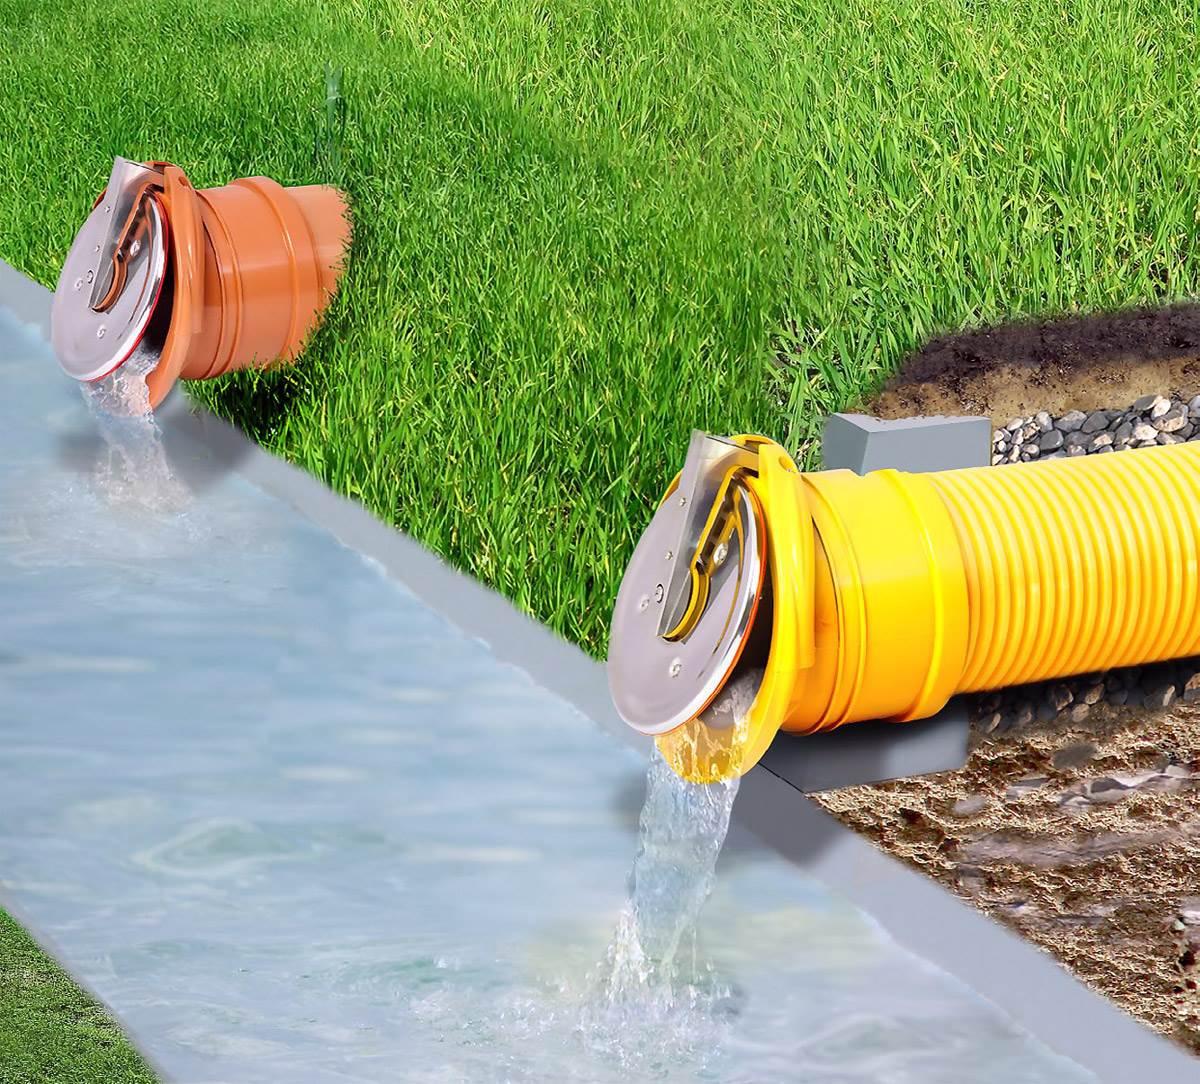 proste rozwiazania sa najlepsze czyli pare slow o zasuwach burzowych i rewizjach kanalizacyjnych - Zasuwa burzowa i rewizje kanalizacyjne czyli parę słów o tym, jak proste rozwiązania są najlepsze